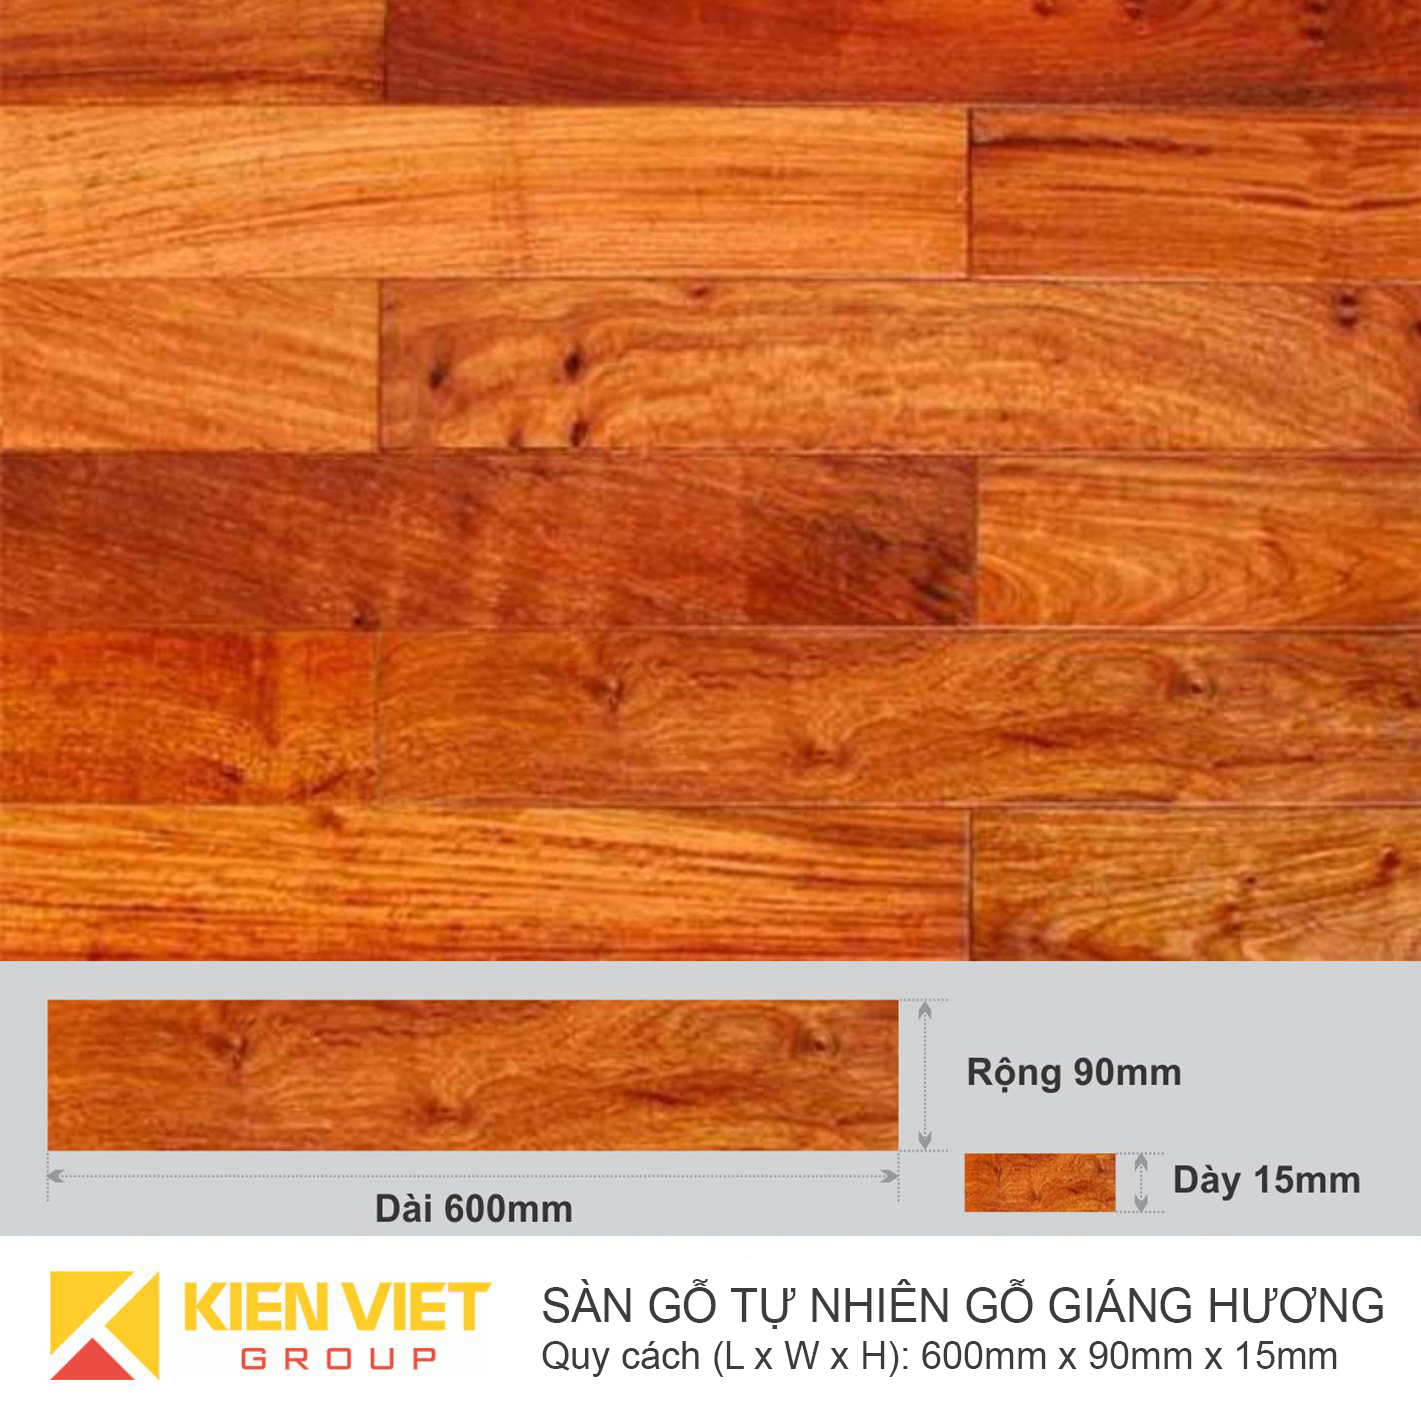 Sàn gỗ tự nhiên Giáng hương 600x15mm